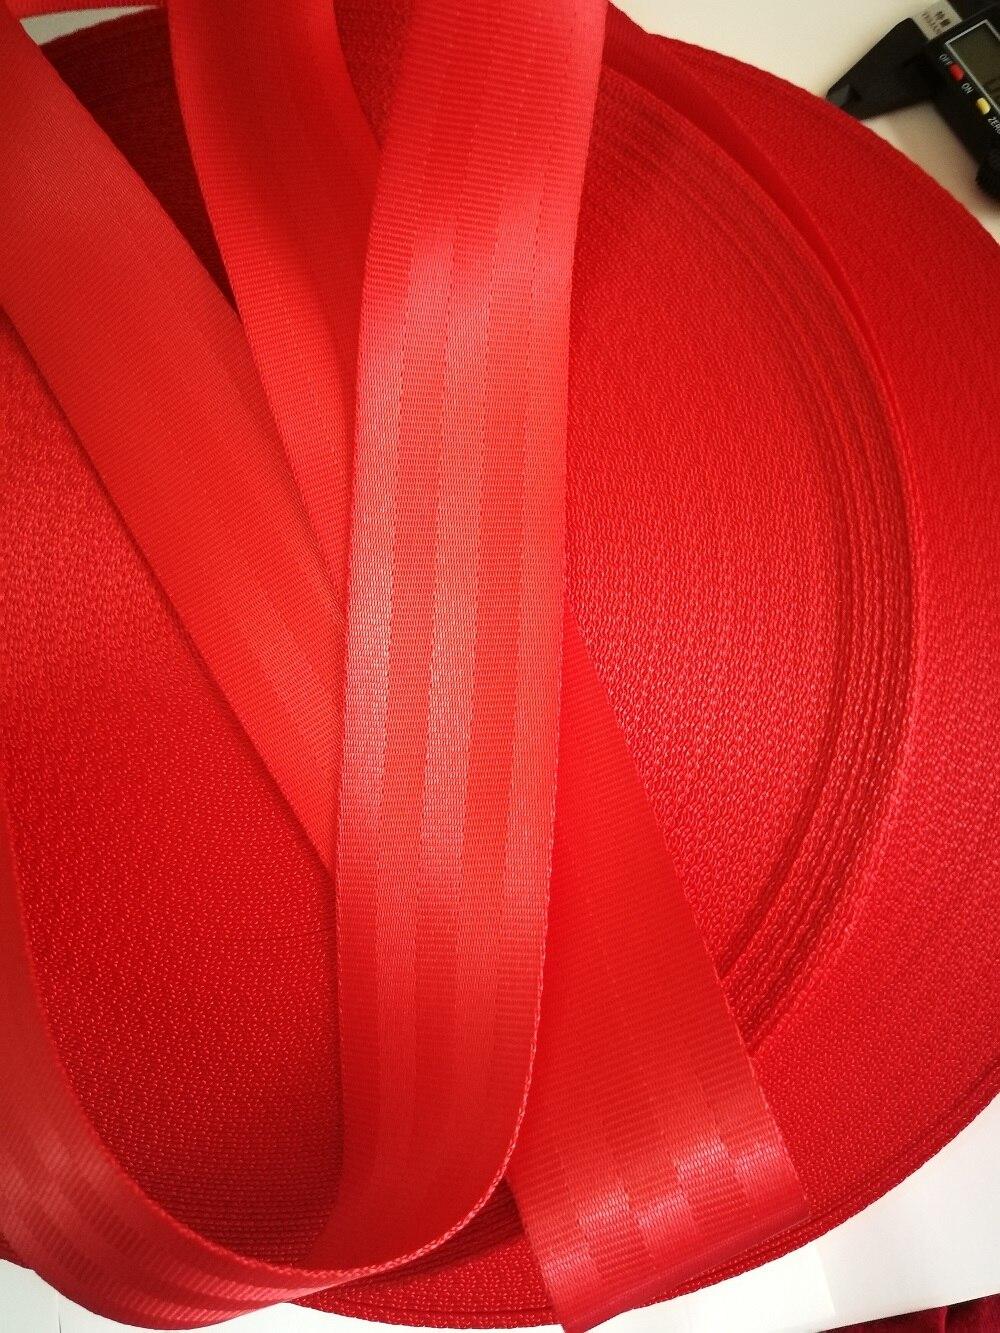 Rouge 3 M-30 M voiture ceinture de sécurité sangle voiture modifiée 3C standard certifié enfants ceinture de sécurité accessoires de voiture